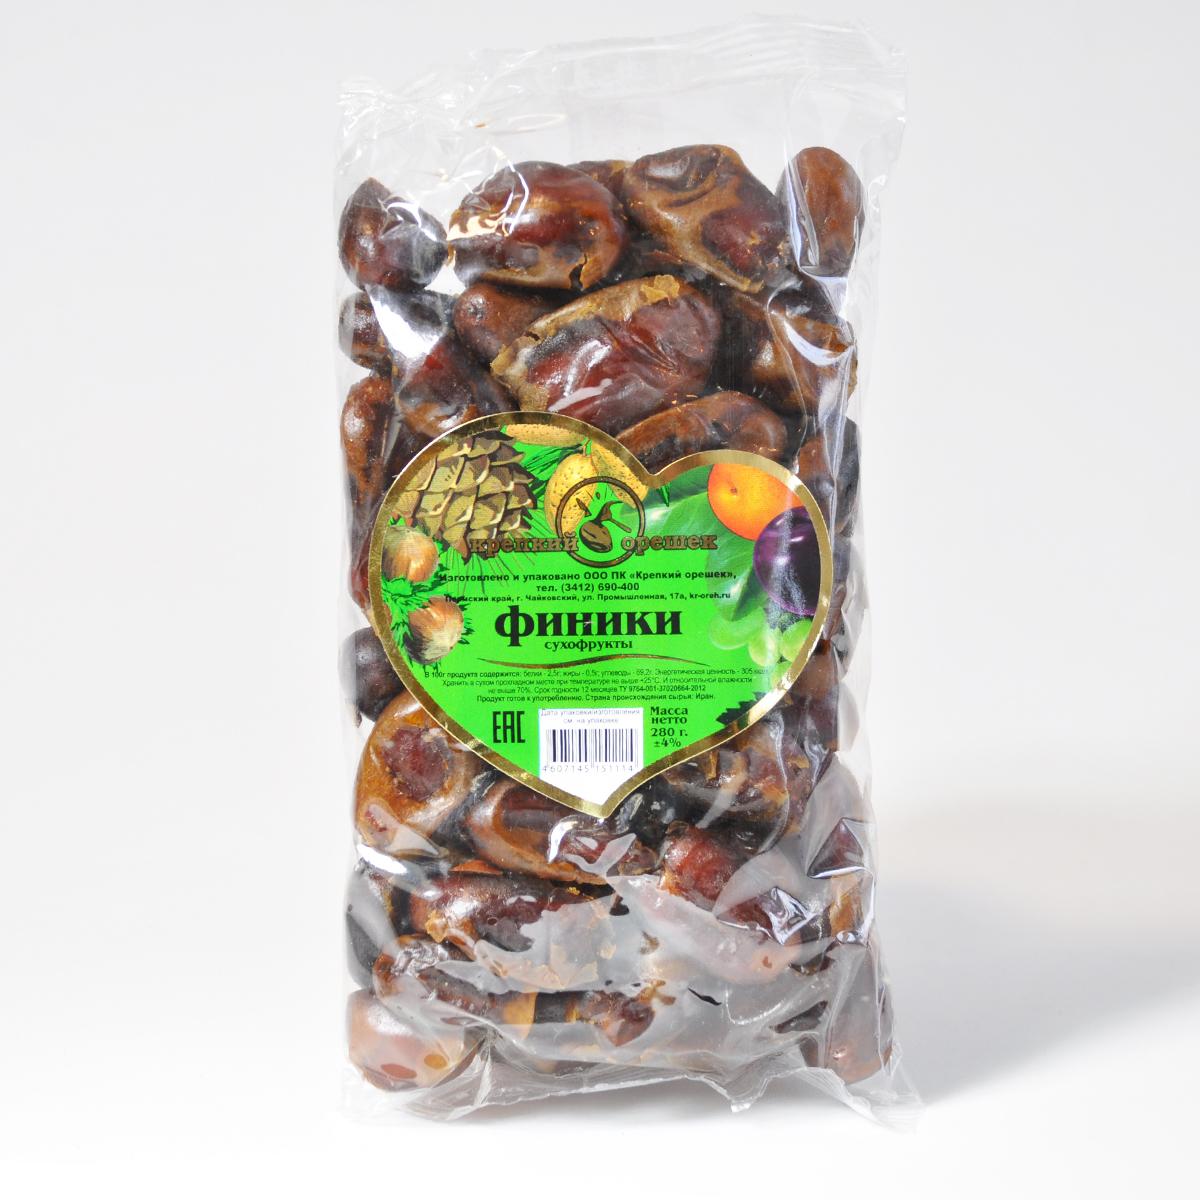 Финики (сушеные) 280 гр